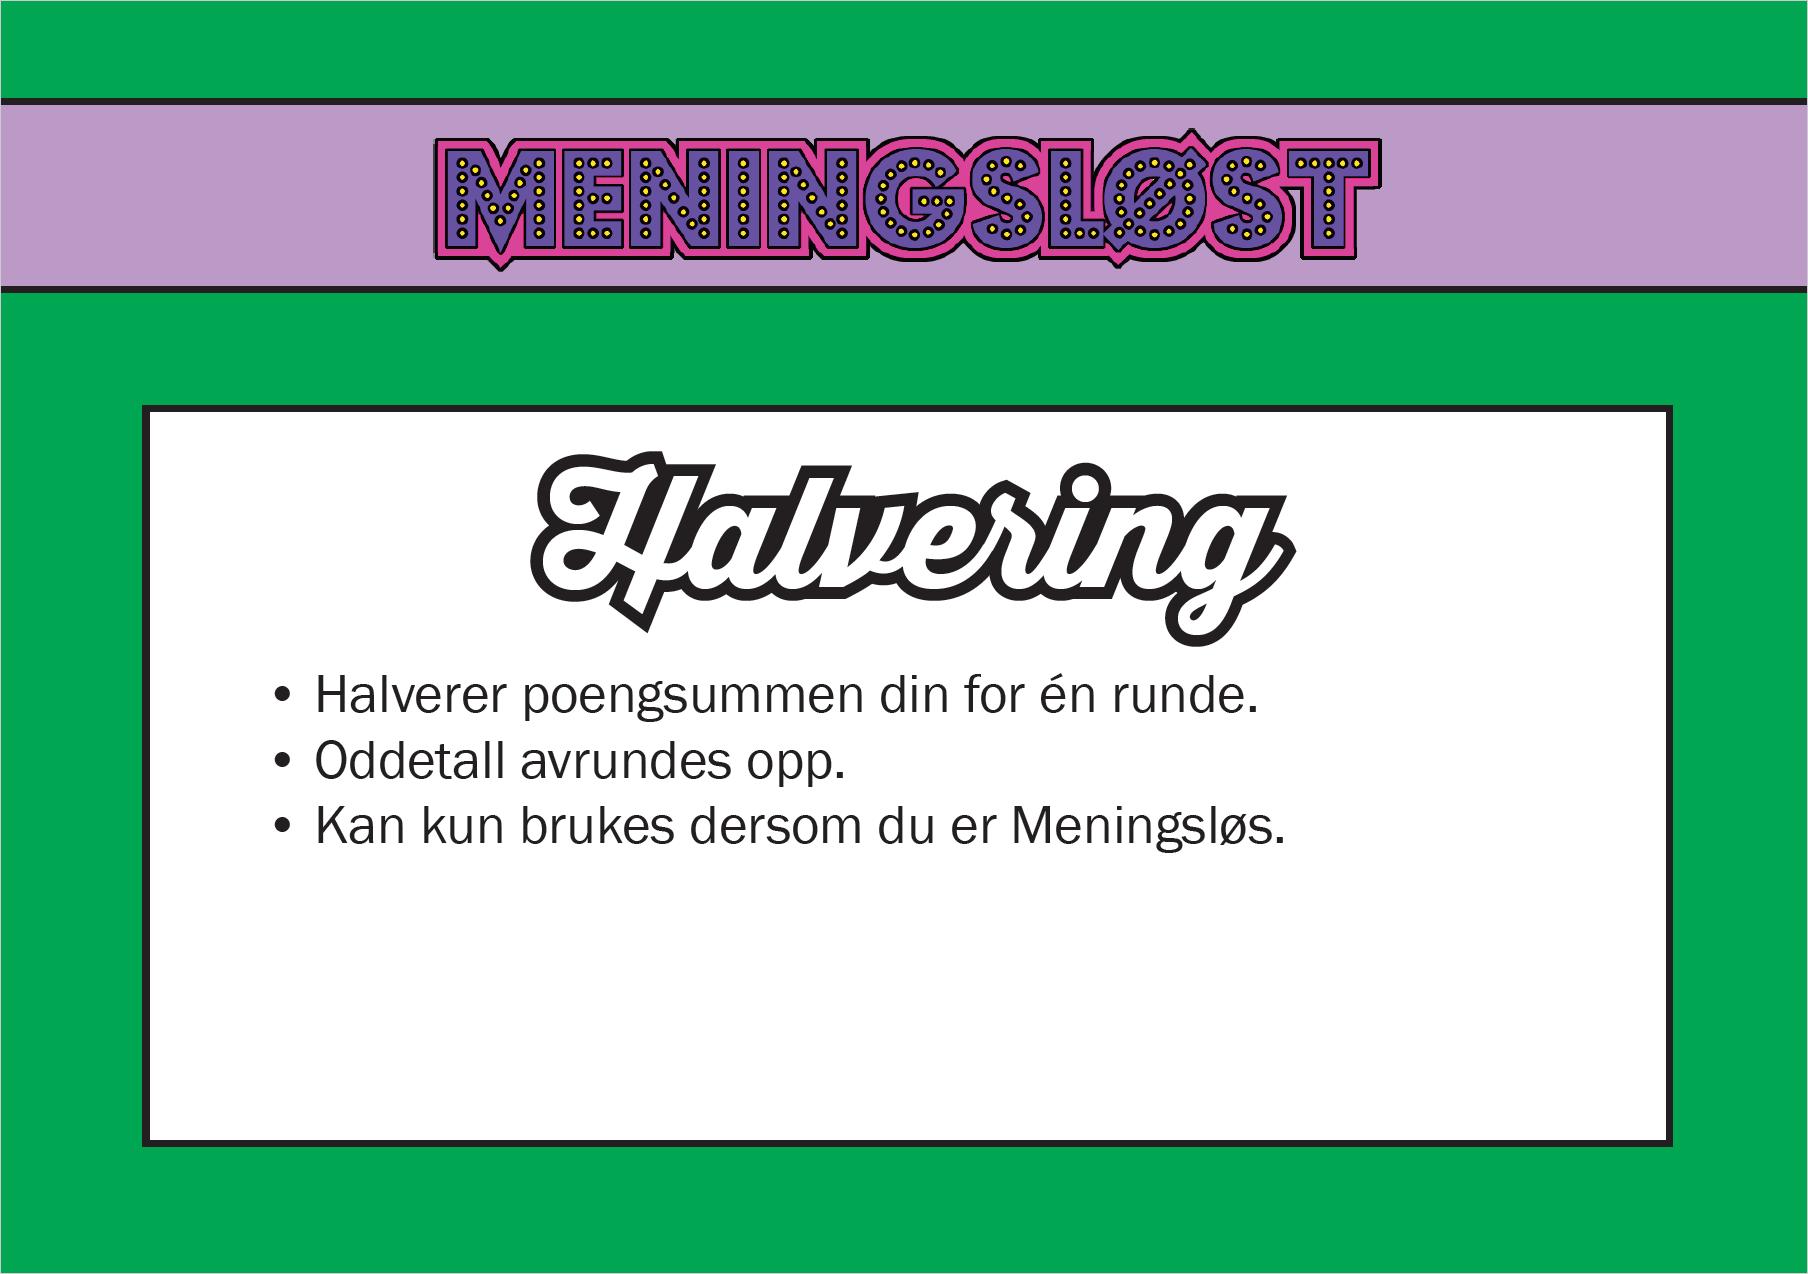 Halvering